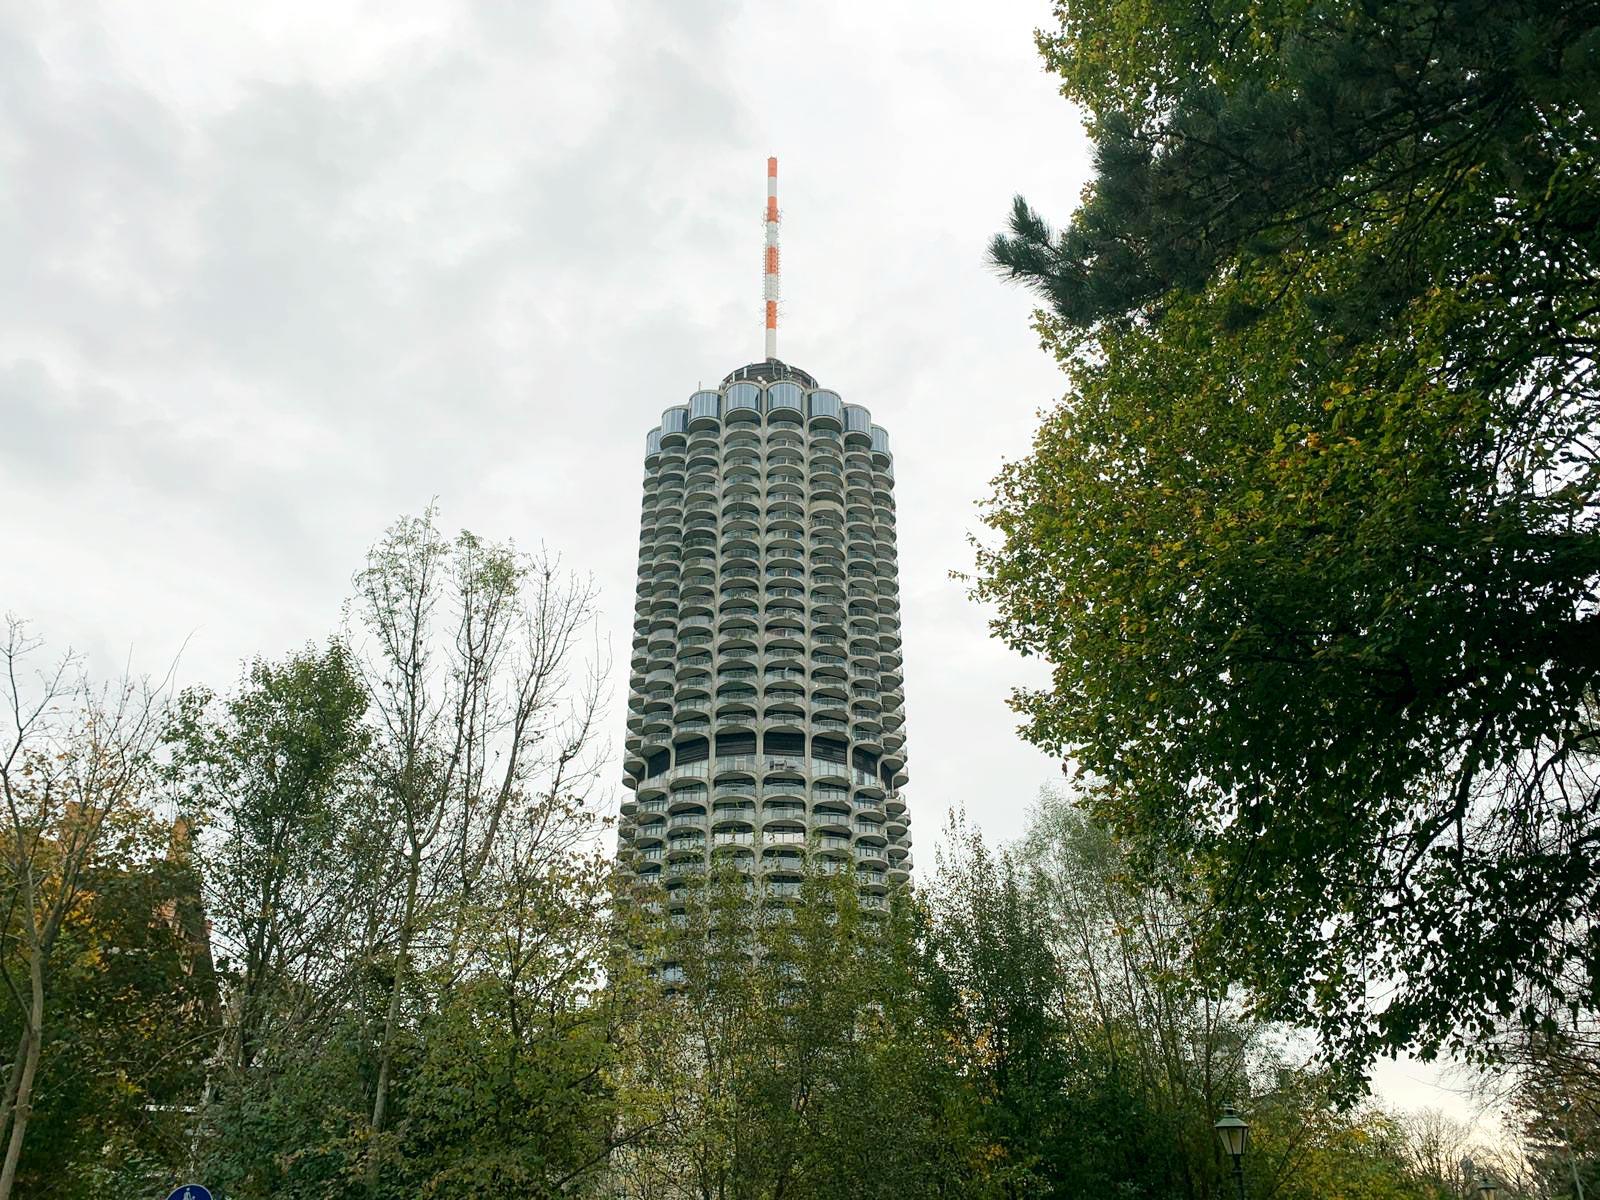 Augsburger Hotelturm |Johannes Ulrich Gehrke